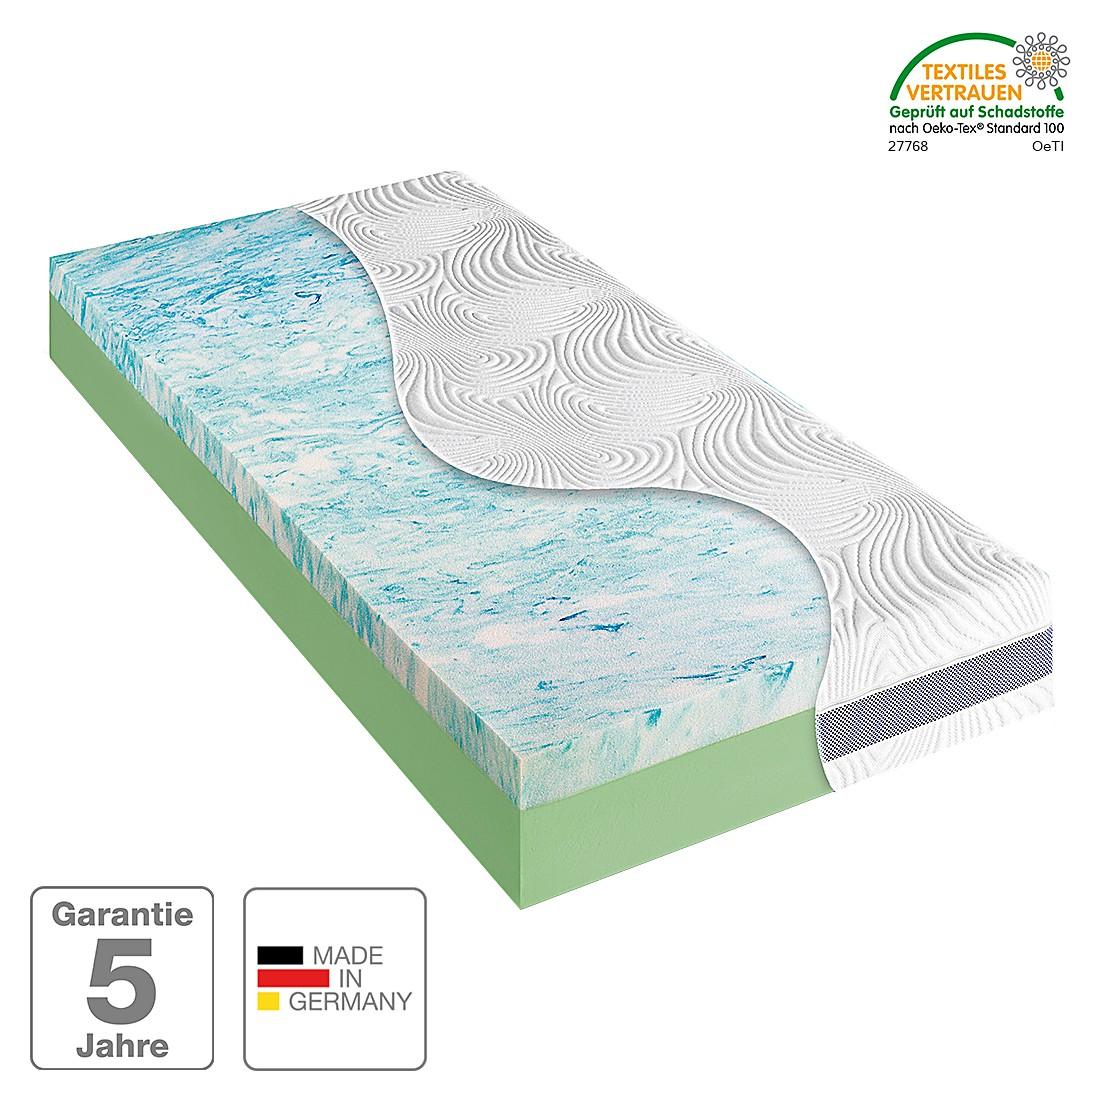 Komfortschaummatratze AquaLite 2100 – 140 x 200cm – H2 bis 80 kg, Dunlopillo online kaufen